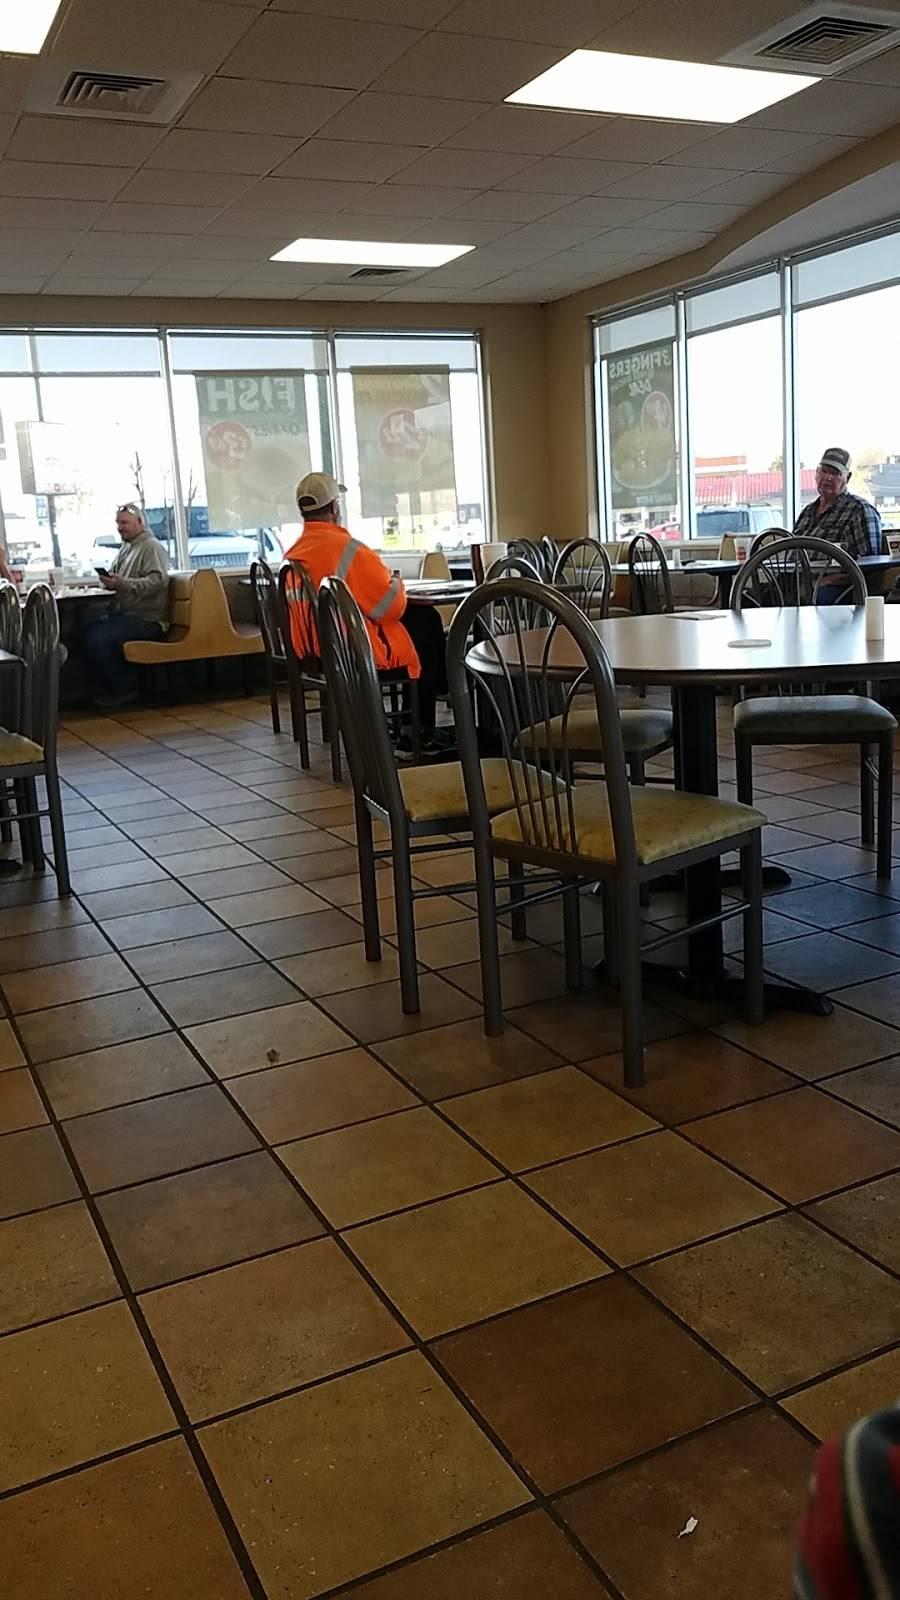 Jacks   restaurant   5320 Old Hwy 280, Harpersville, AL 35078, USA   2056727788 OR +1 205-672-7788